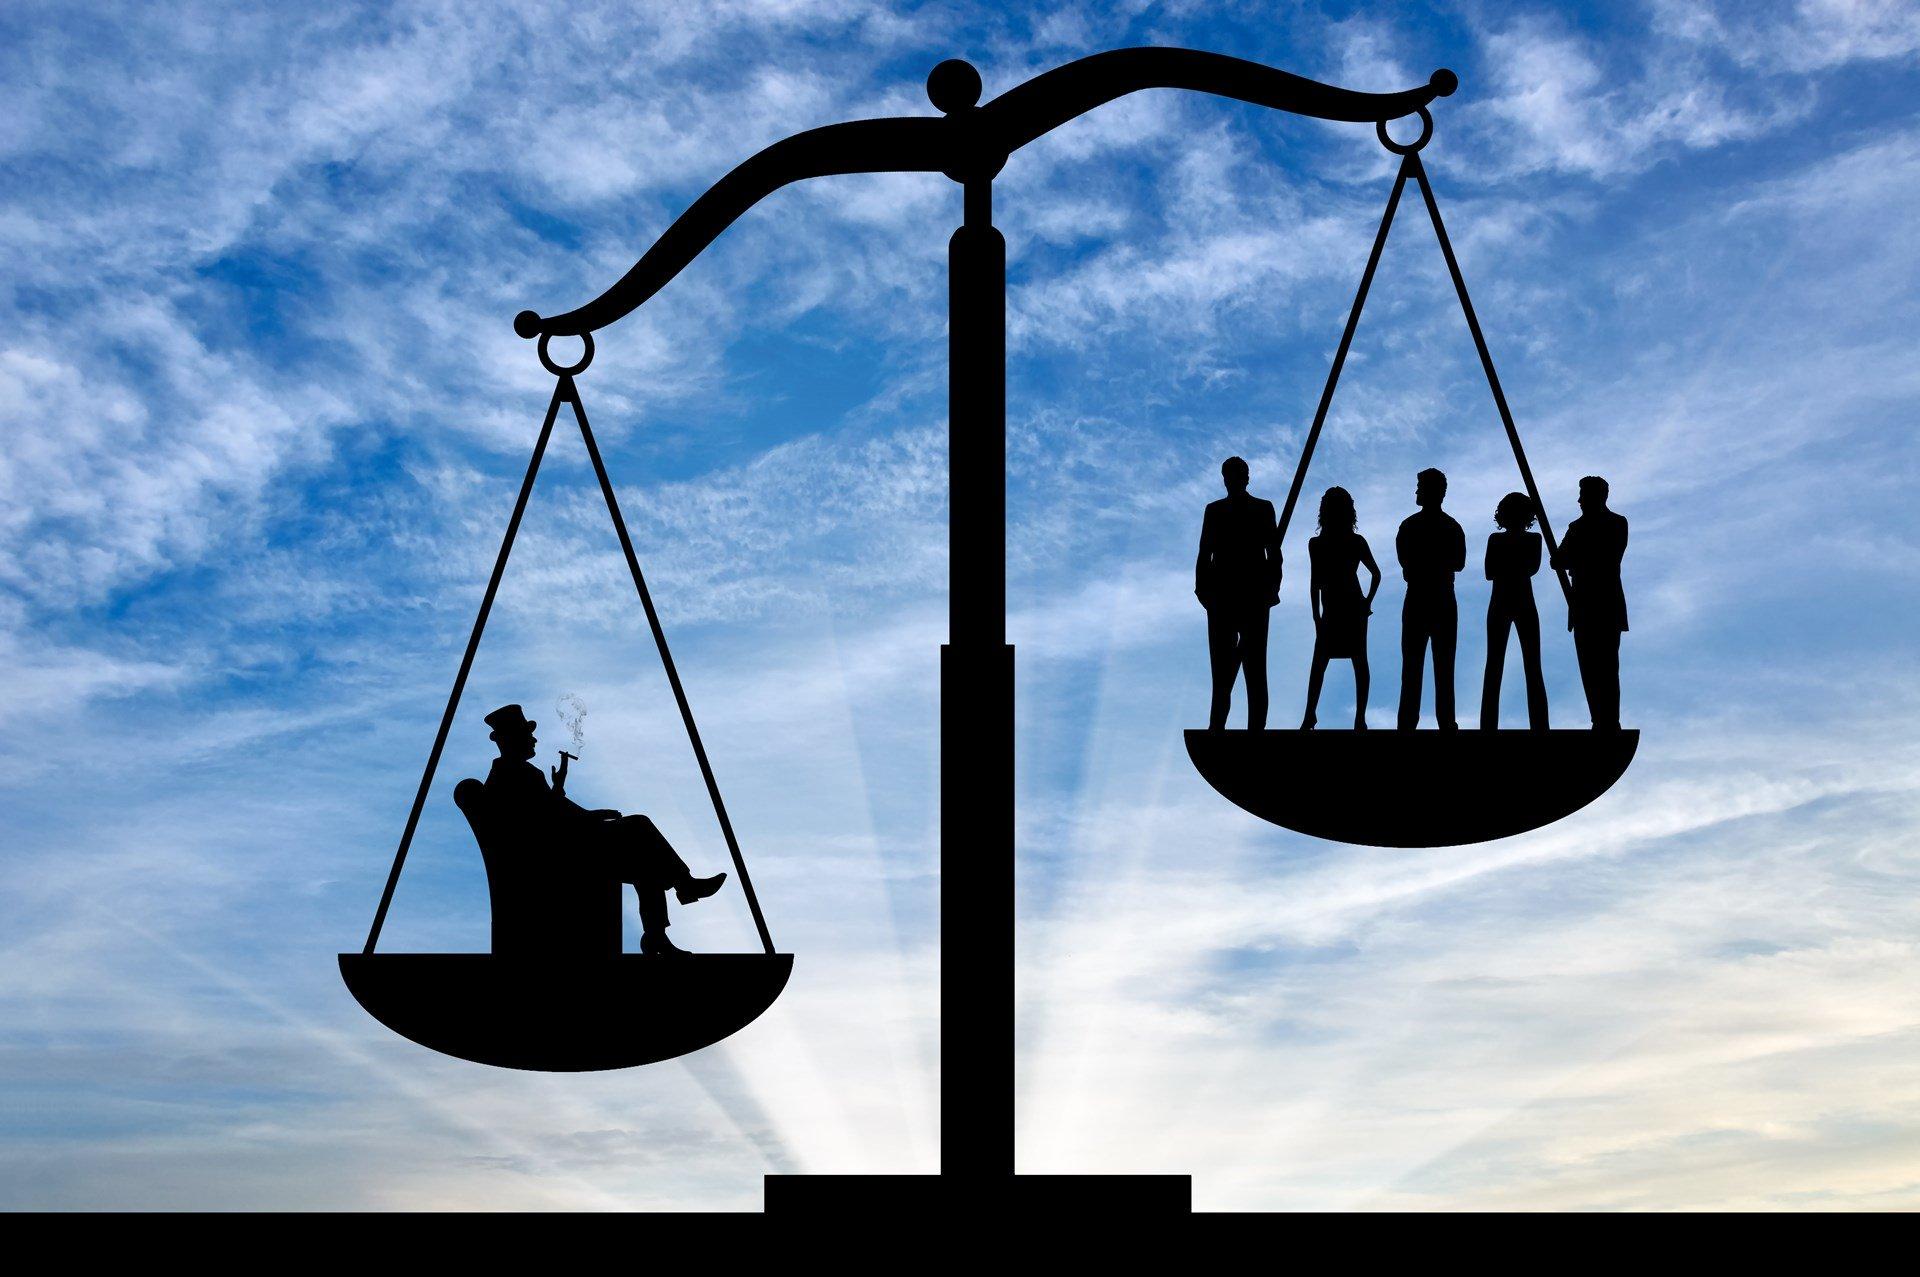 Sắp xếp công bằng khi phân chia công việc